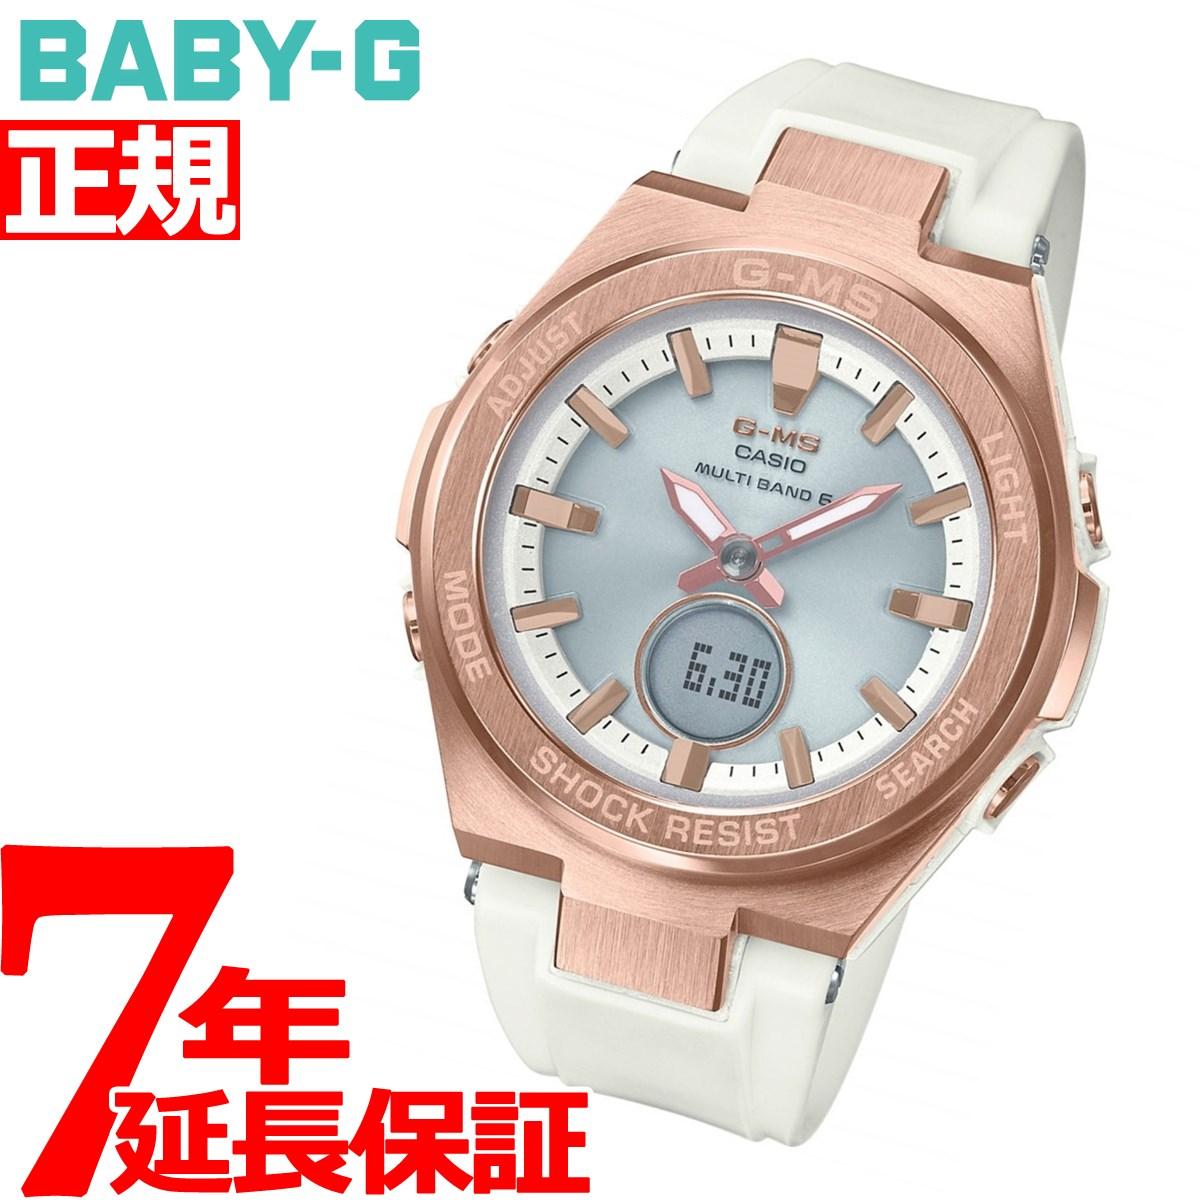 BABY-G カシオ ベビーG レディース G-MS 電波 ソーラー 腕時計 タフソーラー MSG-W200G-7AJF【2018 新作】